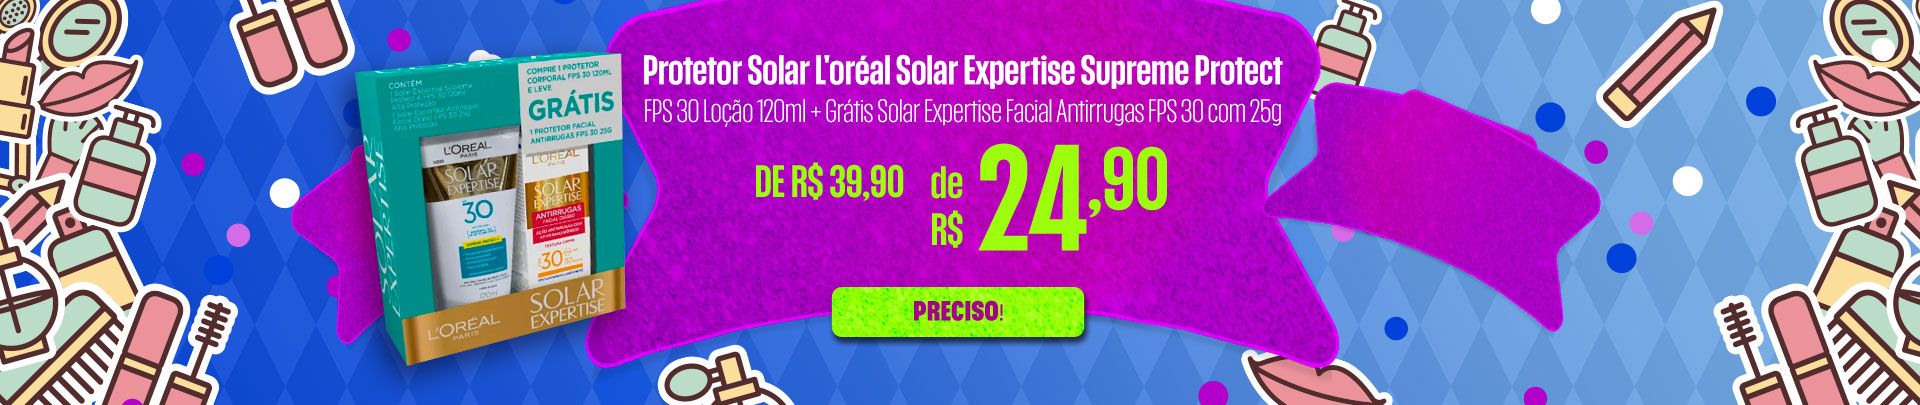 solar expertise